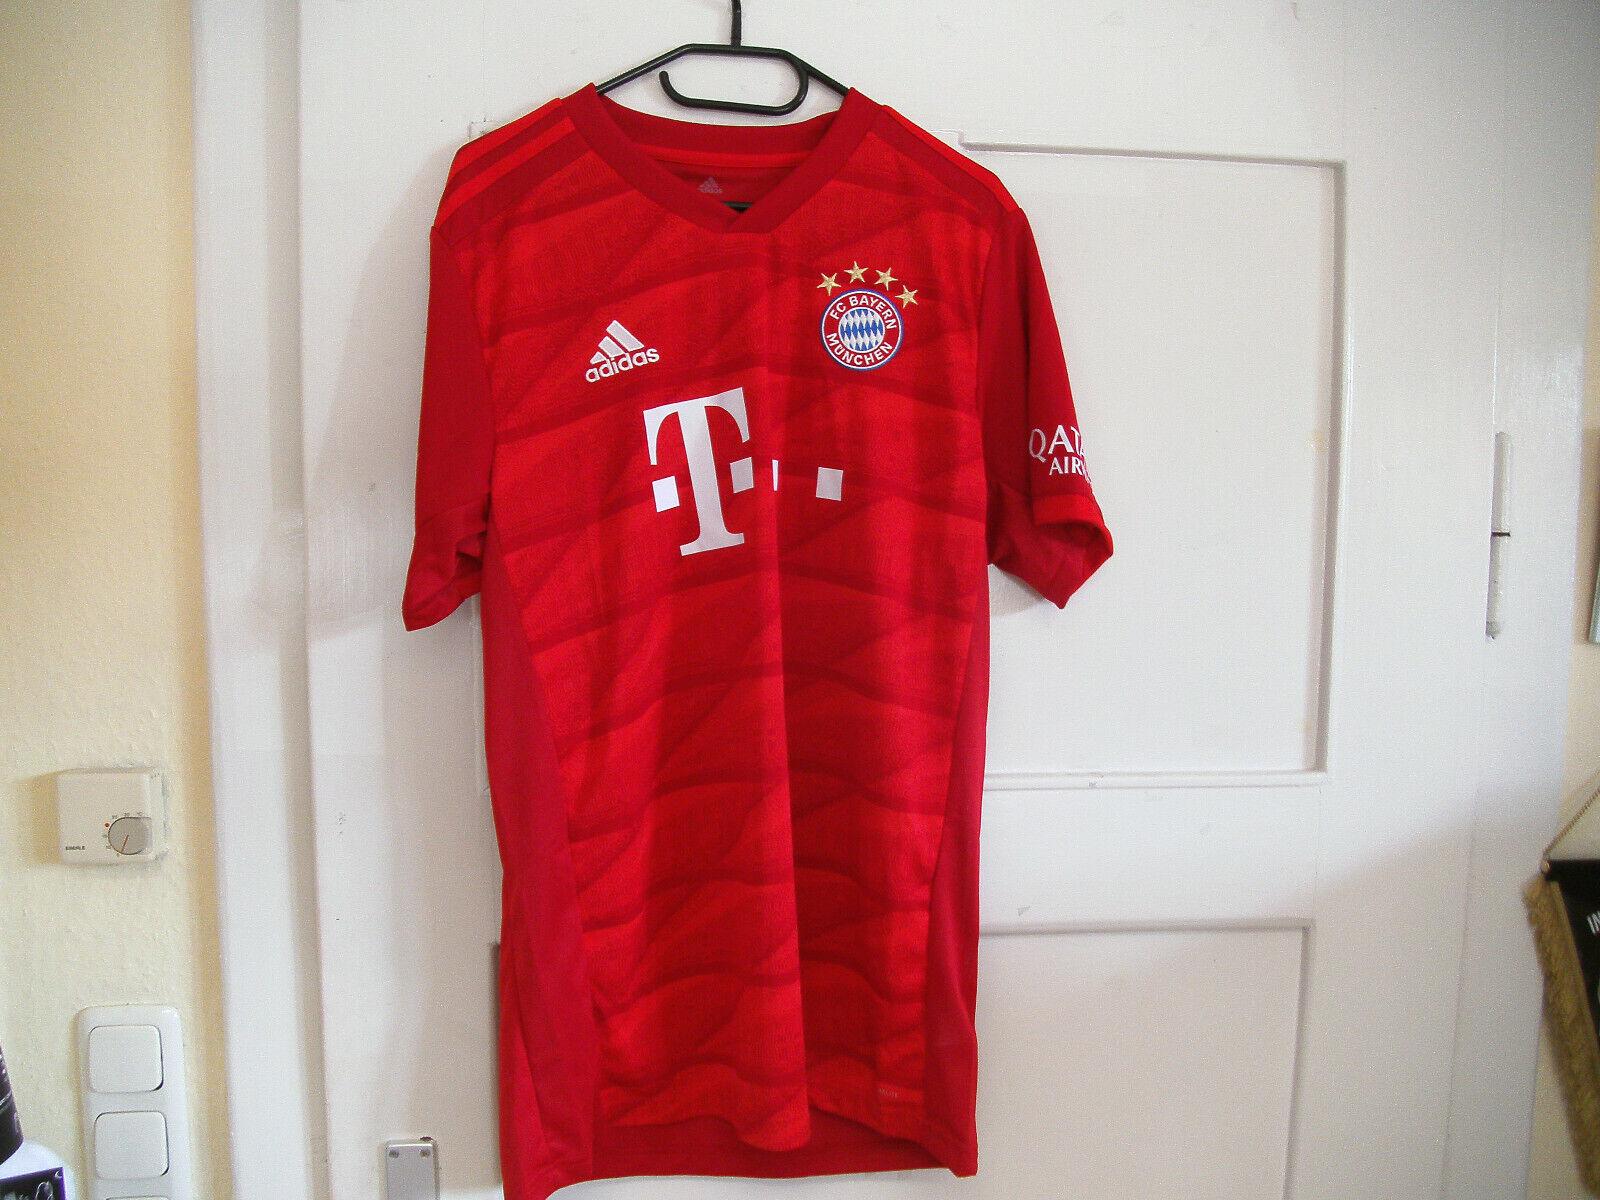 Adidas Home Trikot FC Bayern München  2019 2020 Rot-Weiss   Gr. 128 - 2XL